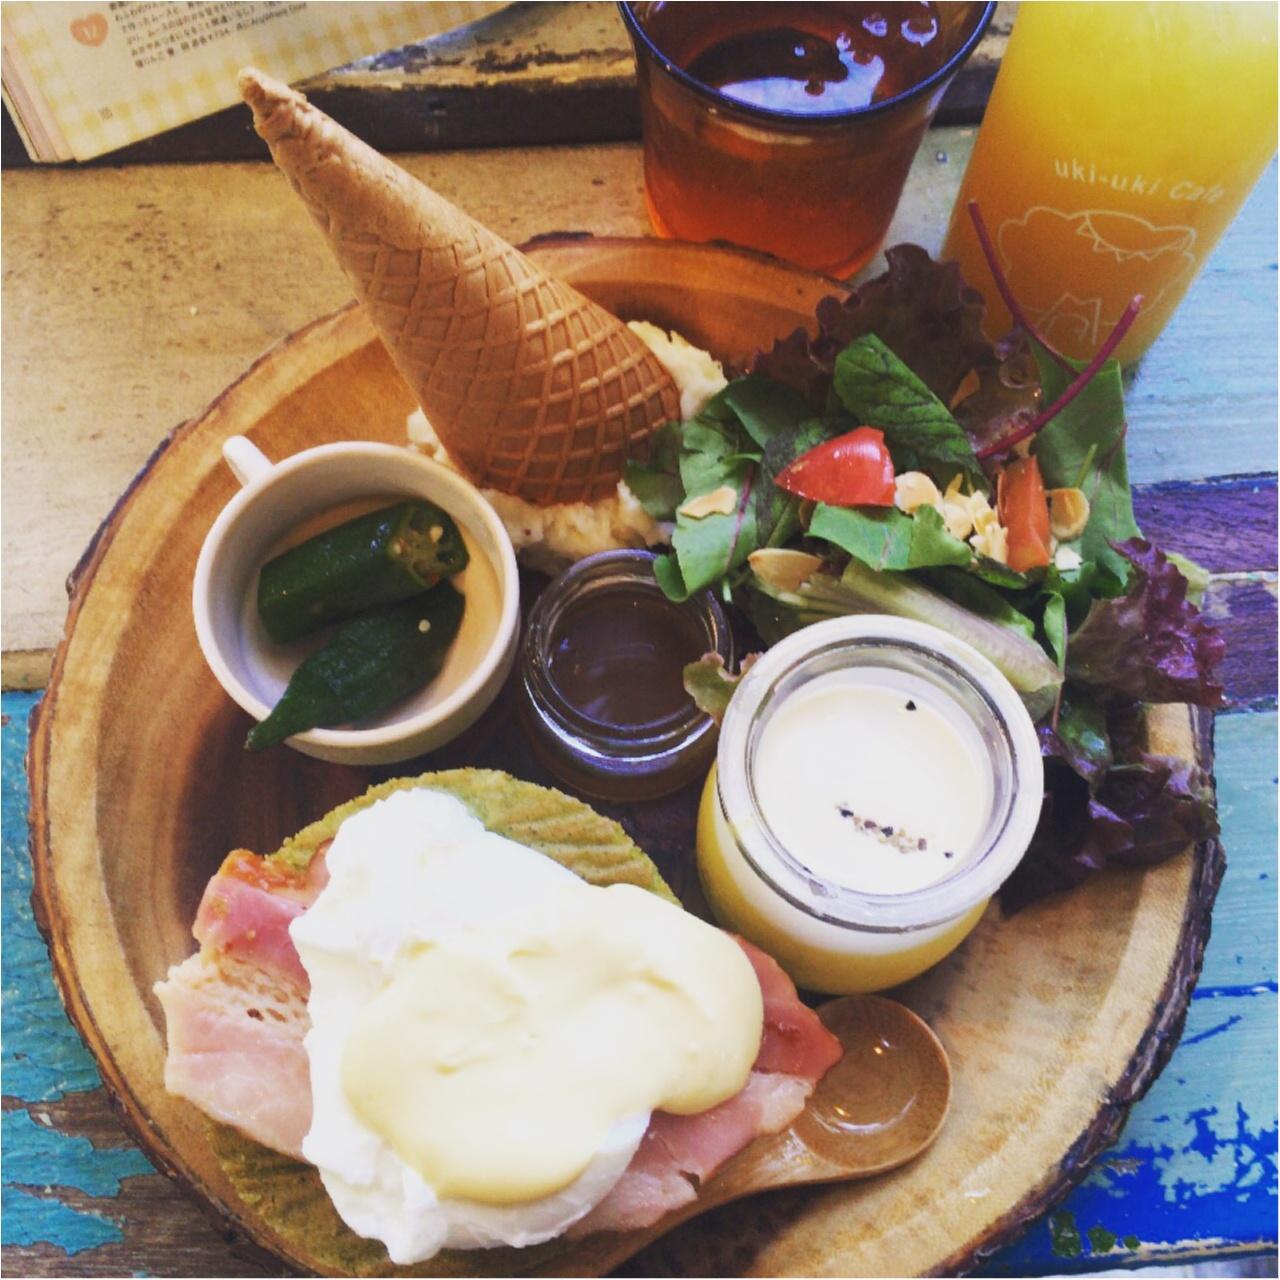 代官山でおしゃれピクニック気分が楽しめる!♡ステキなカフェにランチへ行ってきました♡_3